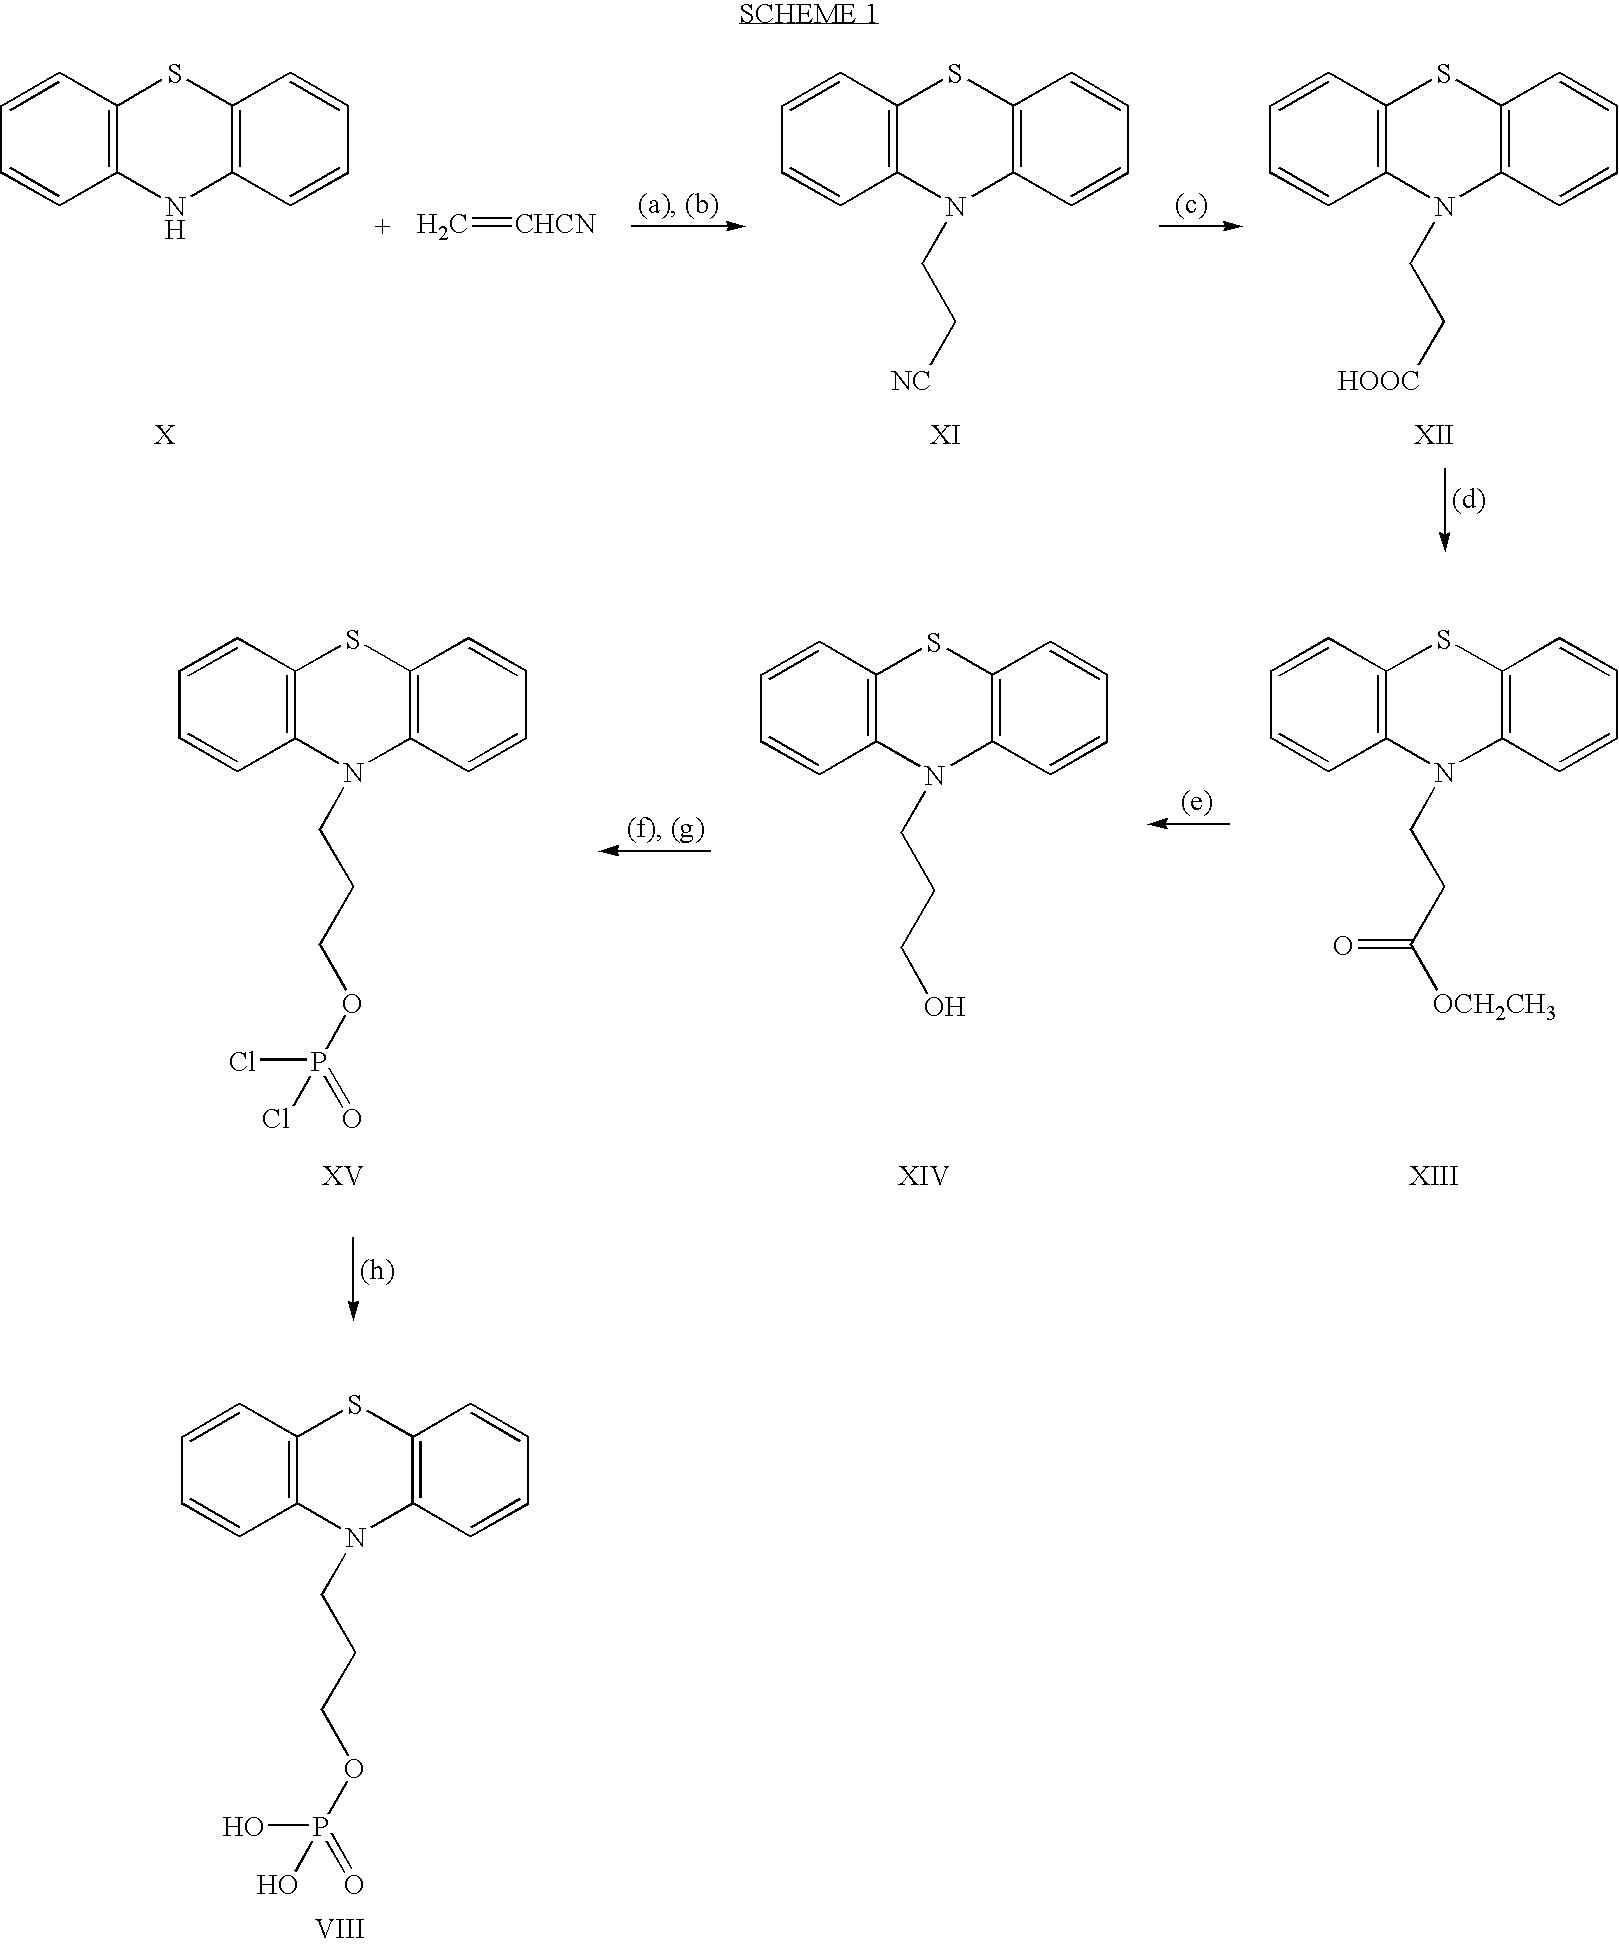 Figure US20050128562A1-20050616-C00005